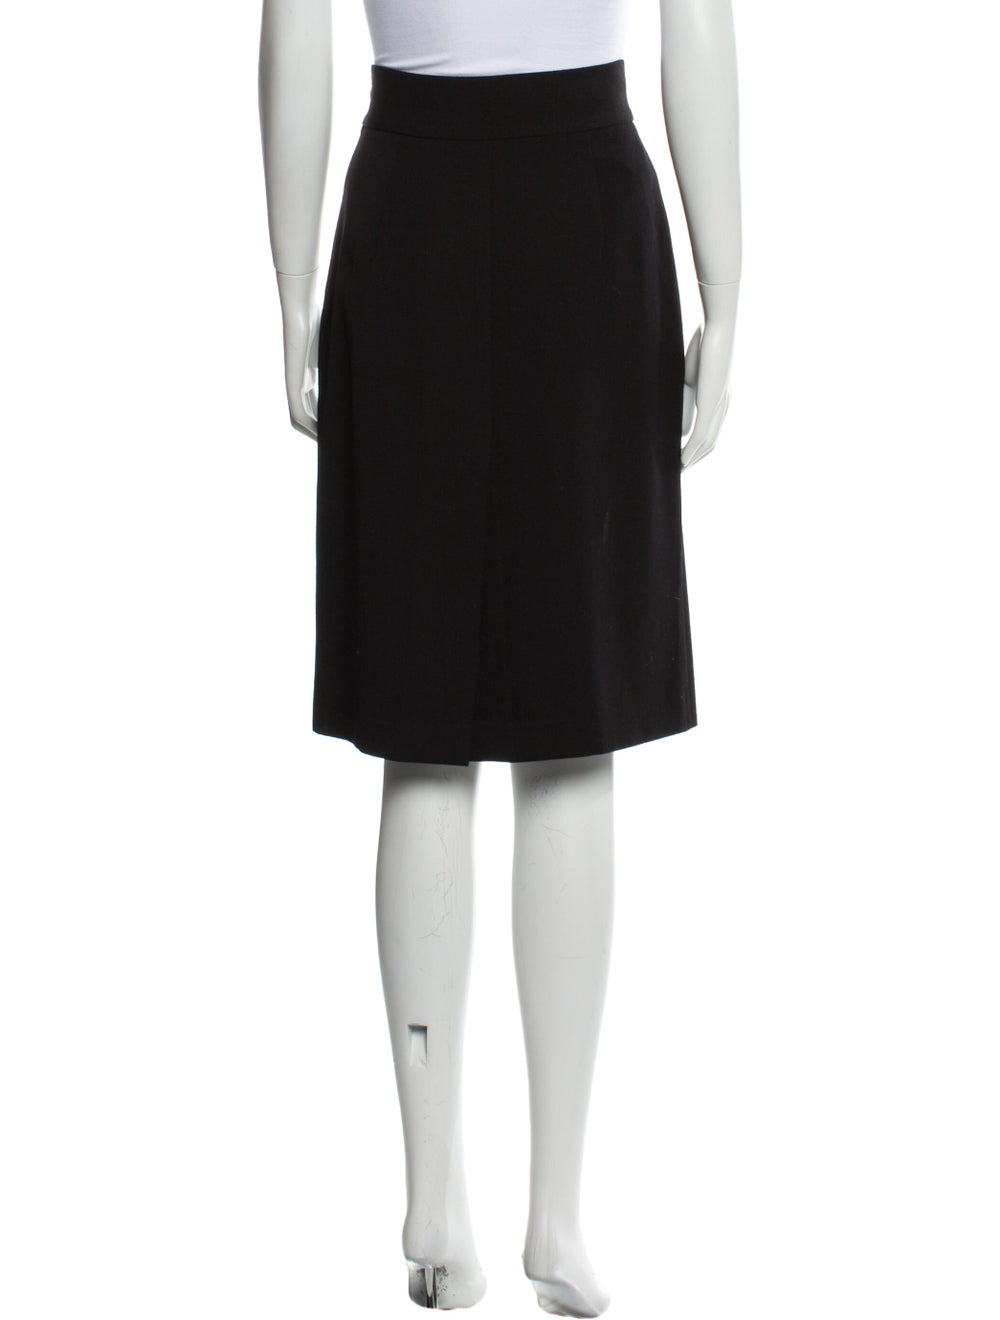 Prada Virgin Wool Knee-Length Skirt Wool - image 3